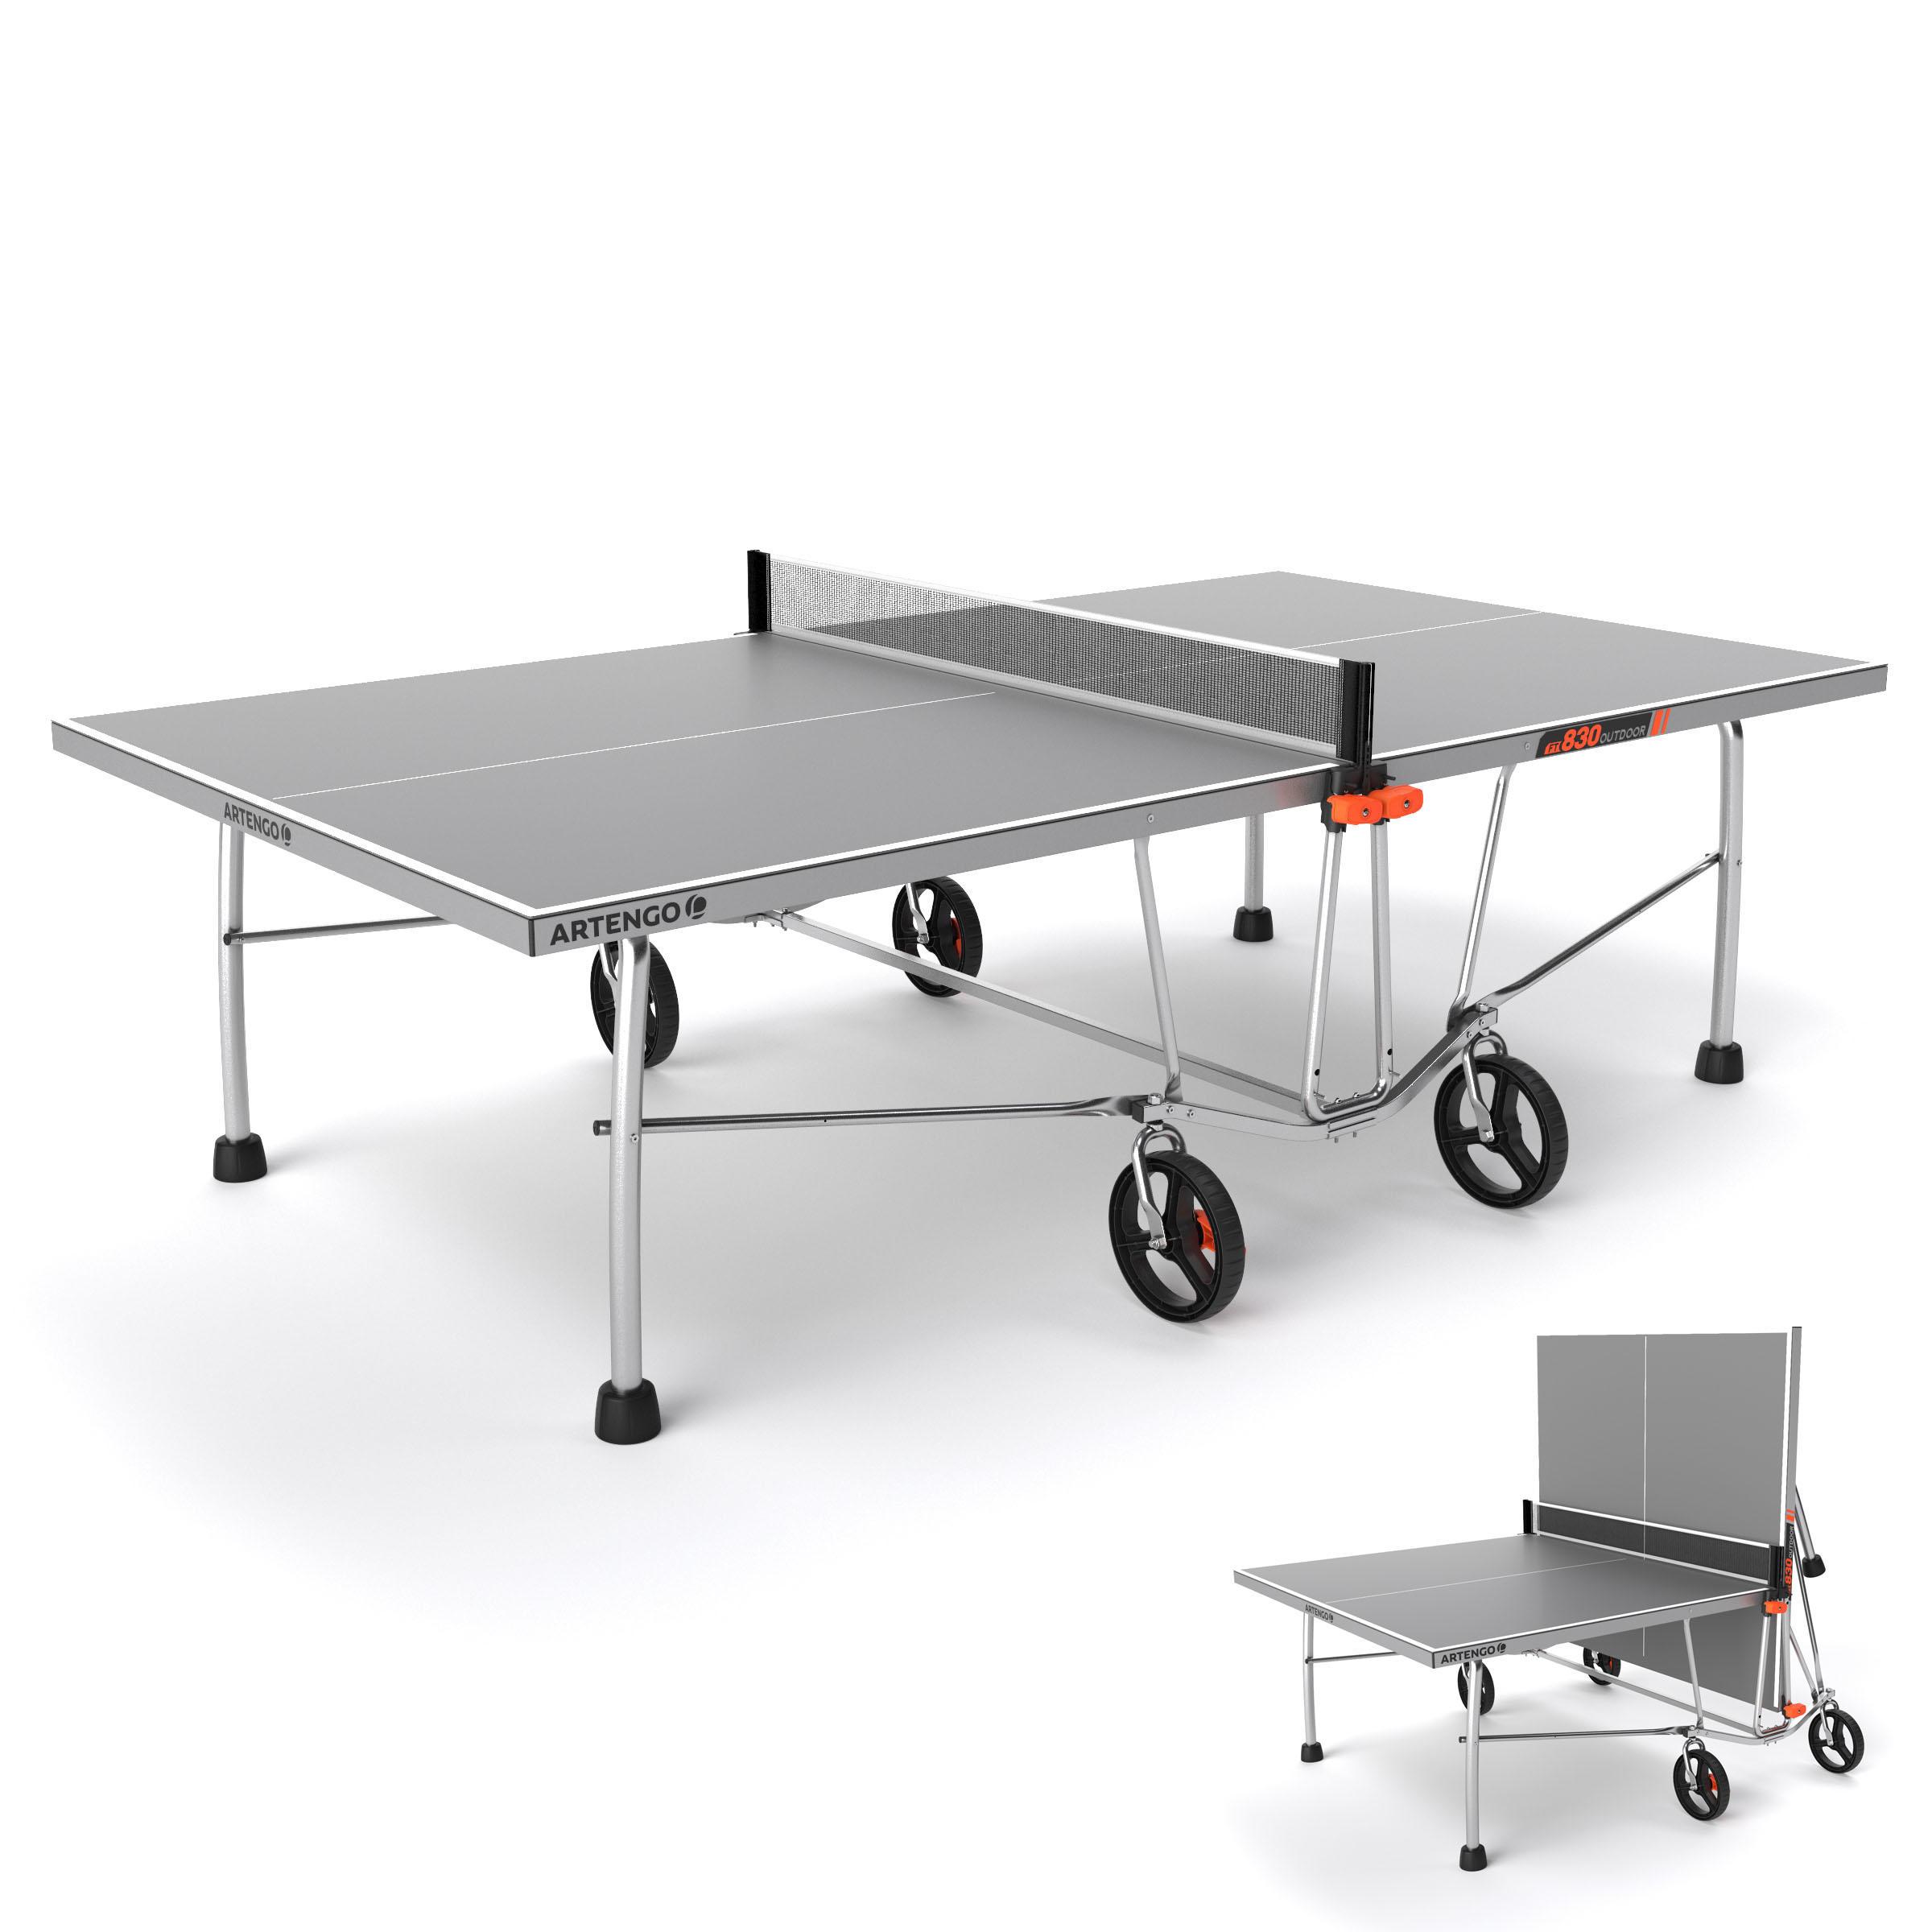 TABLE DE TENNIS DE TABLE LIBRE PPT 530 / FT 830 EXTÉRIEUR